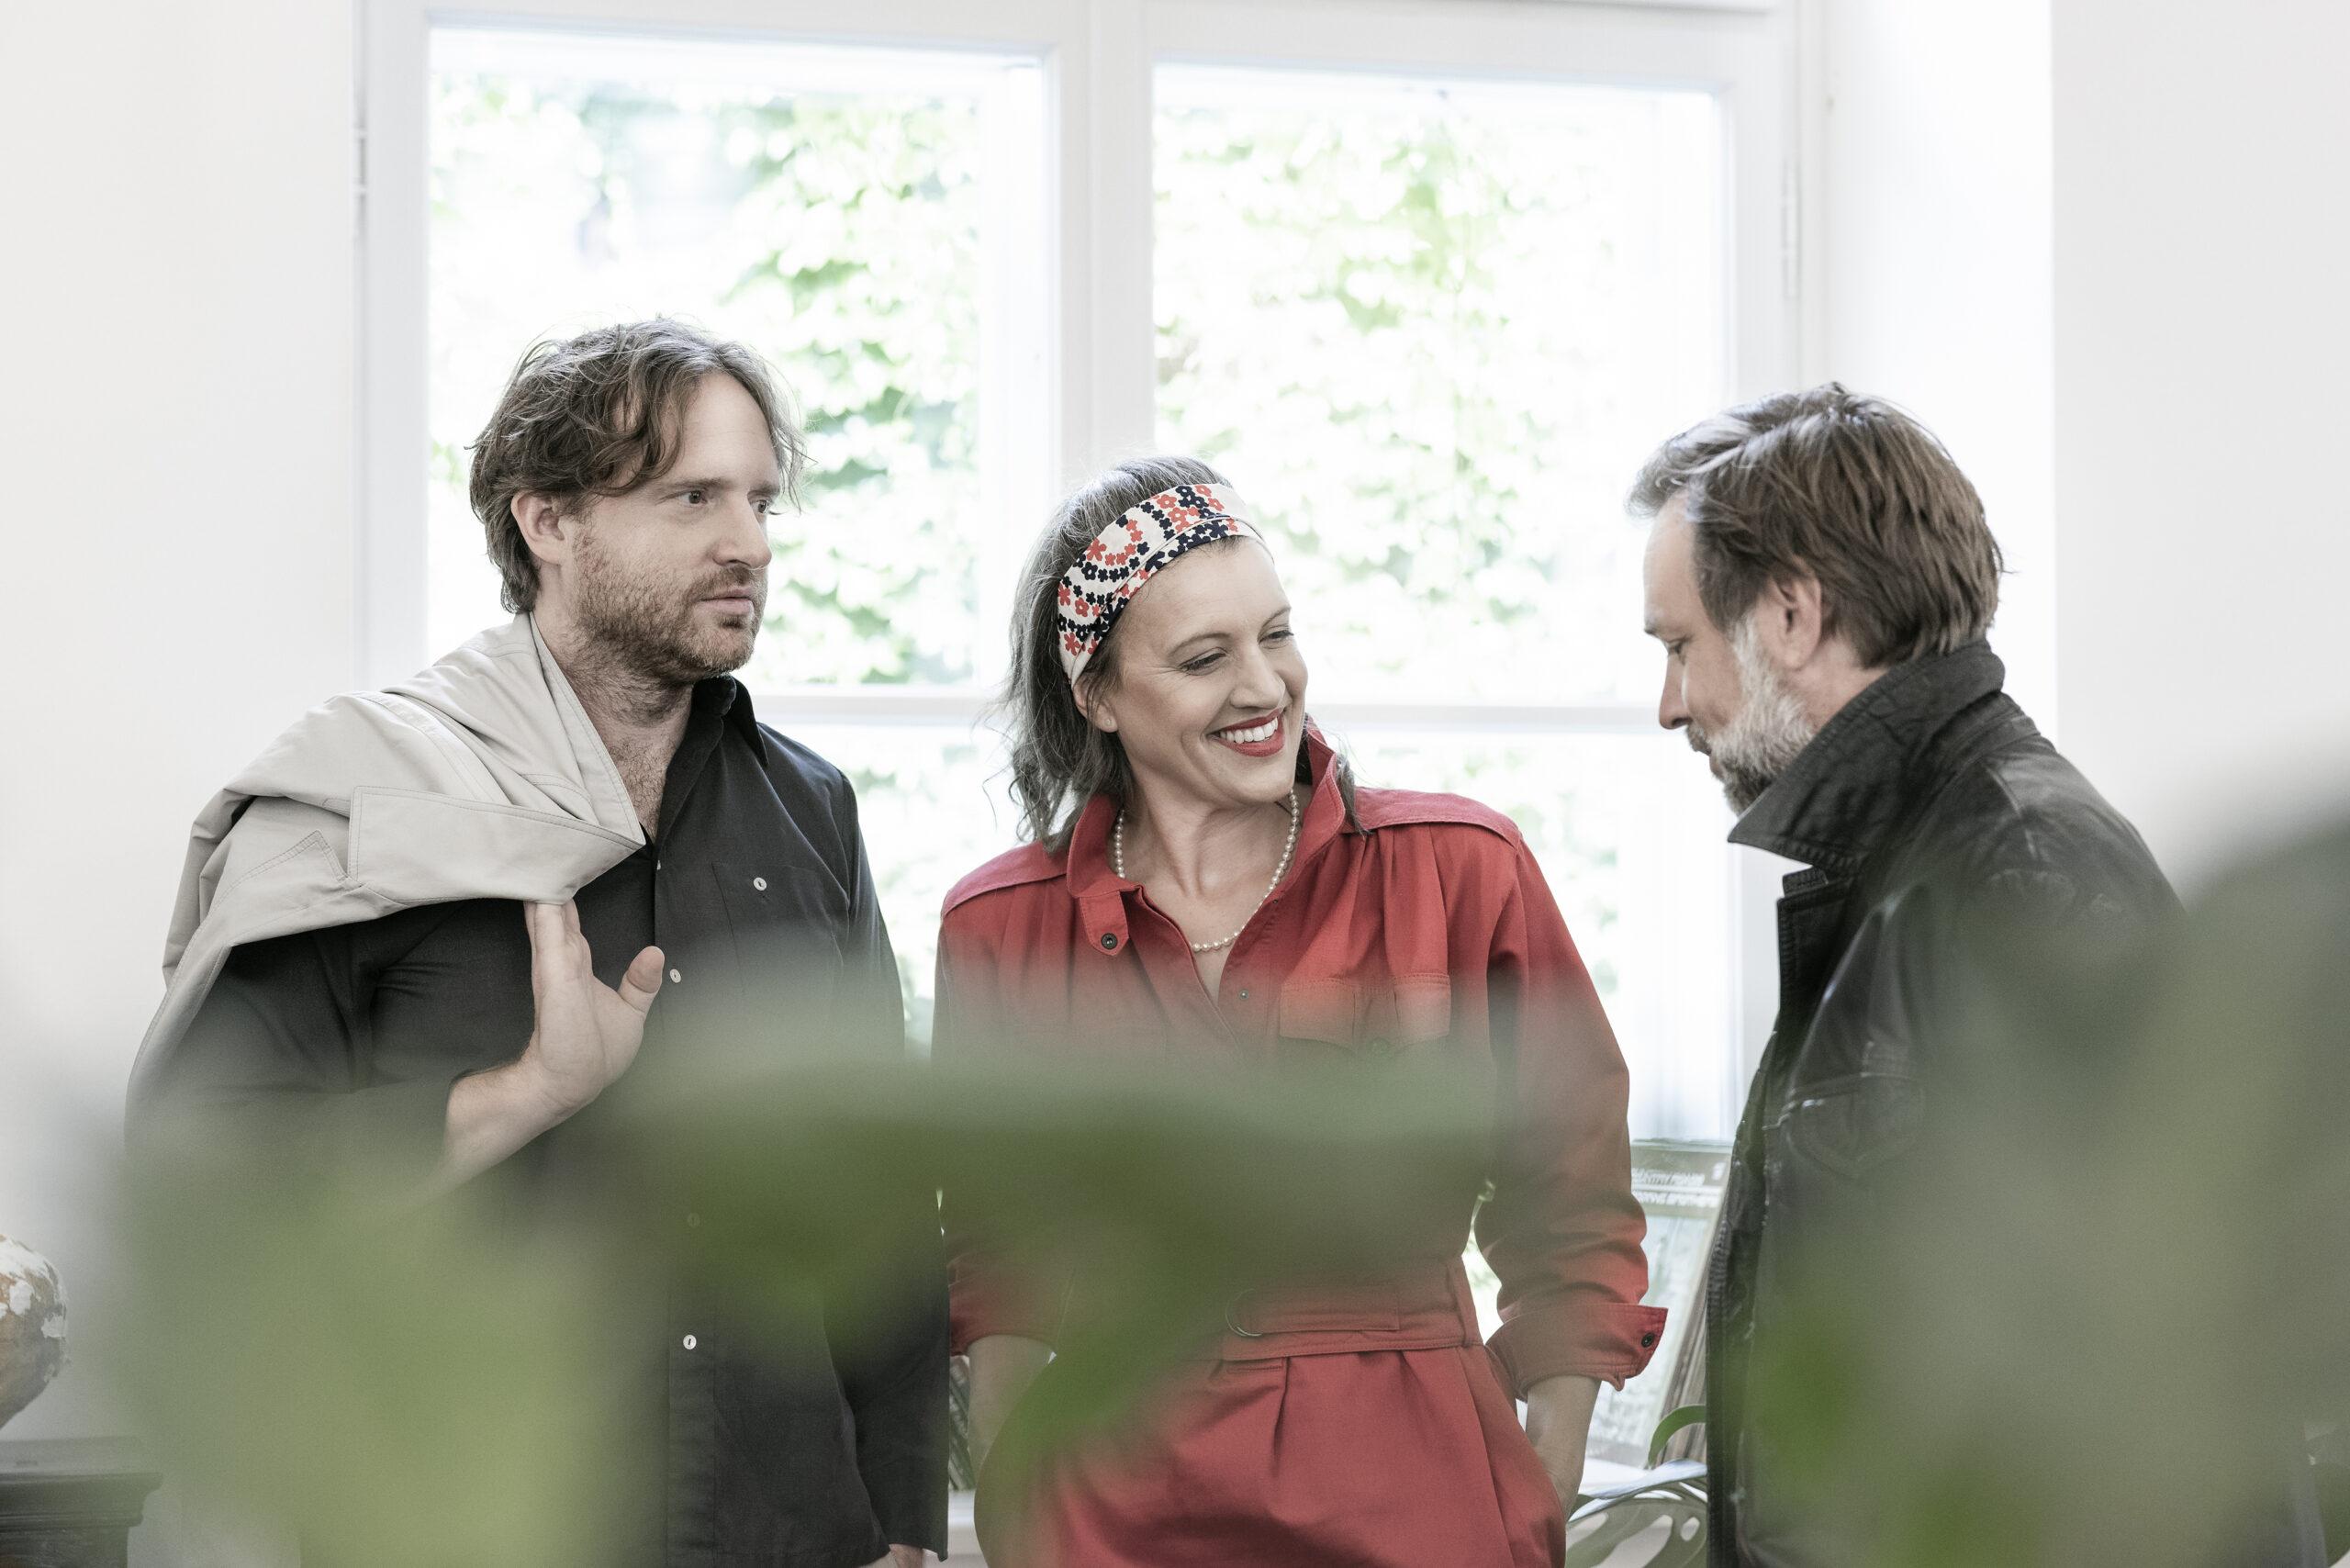 Anna Katt aus Linz flirten auf ihrem Album 'When It Comes To This' mit Jazz und Easy-Going